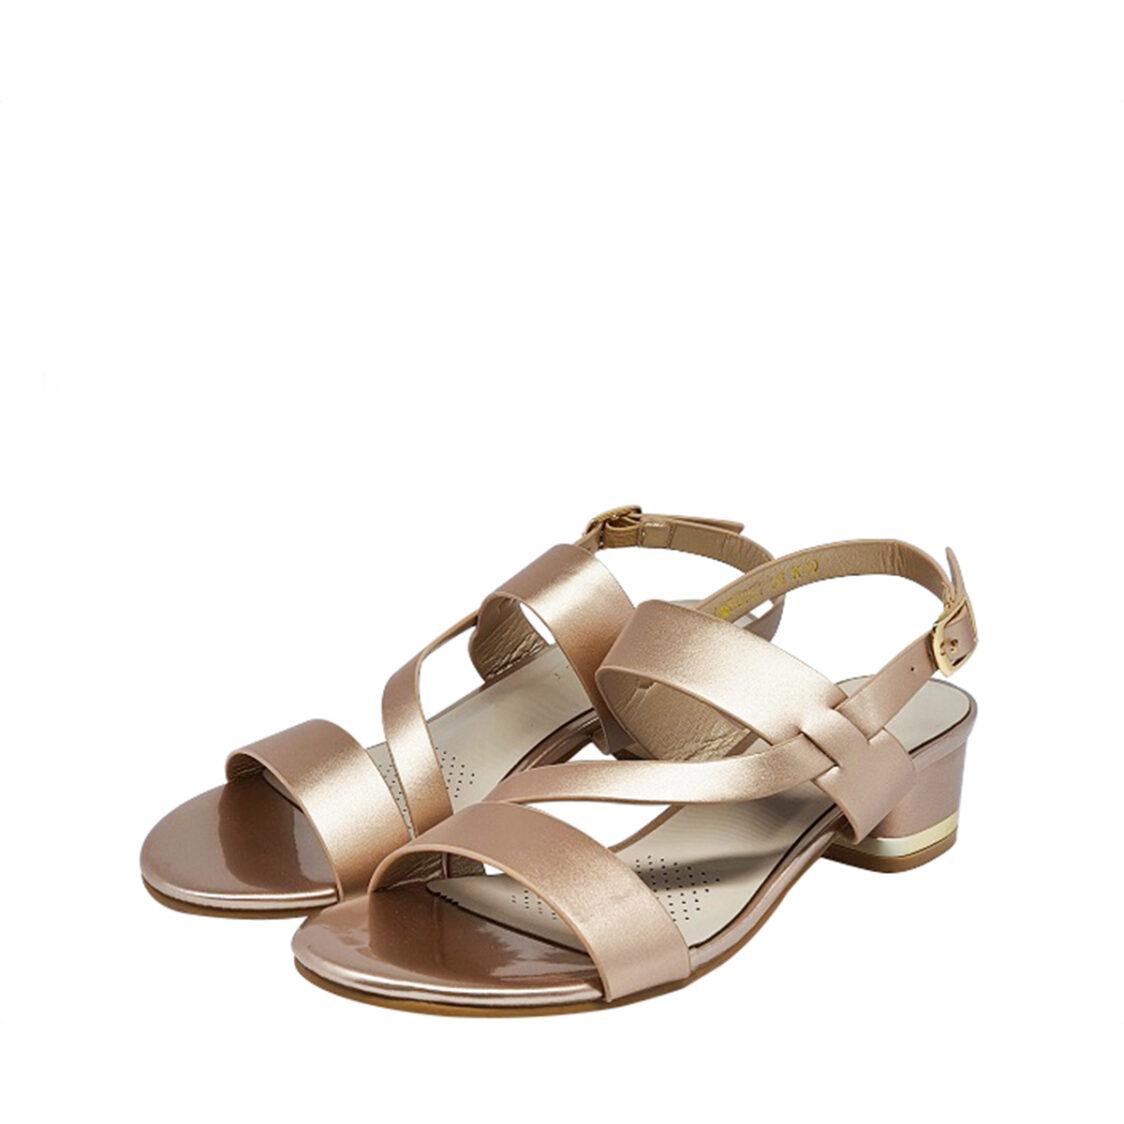 Everbest Comfort Low Heel Ladies Sandals in Light Gold